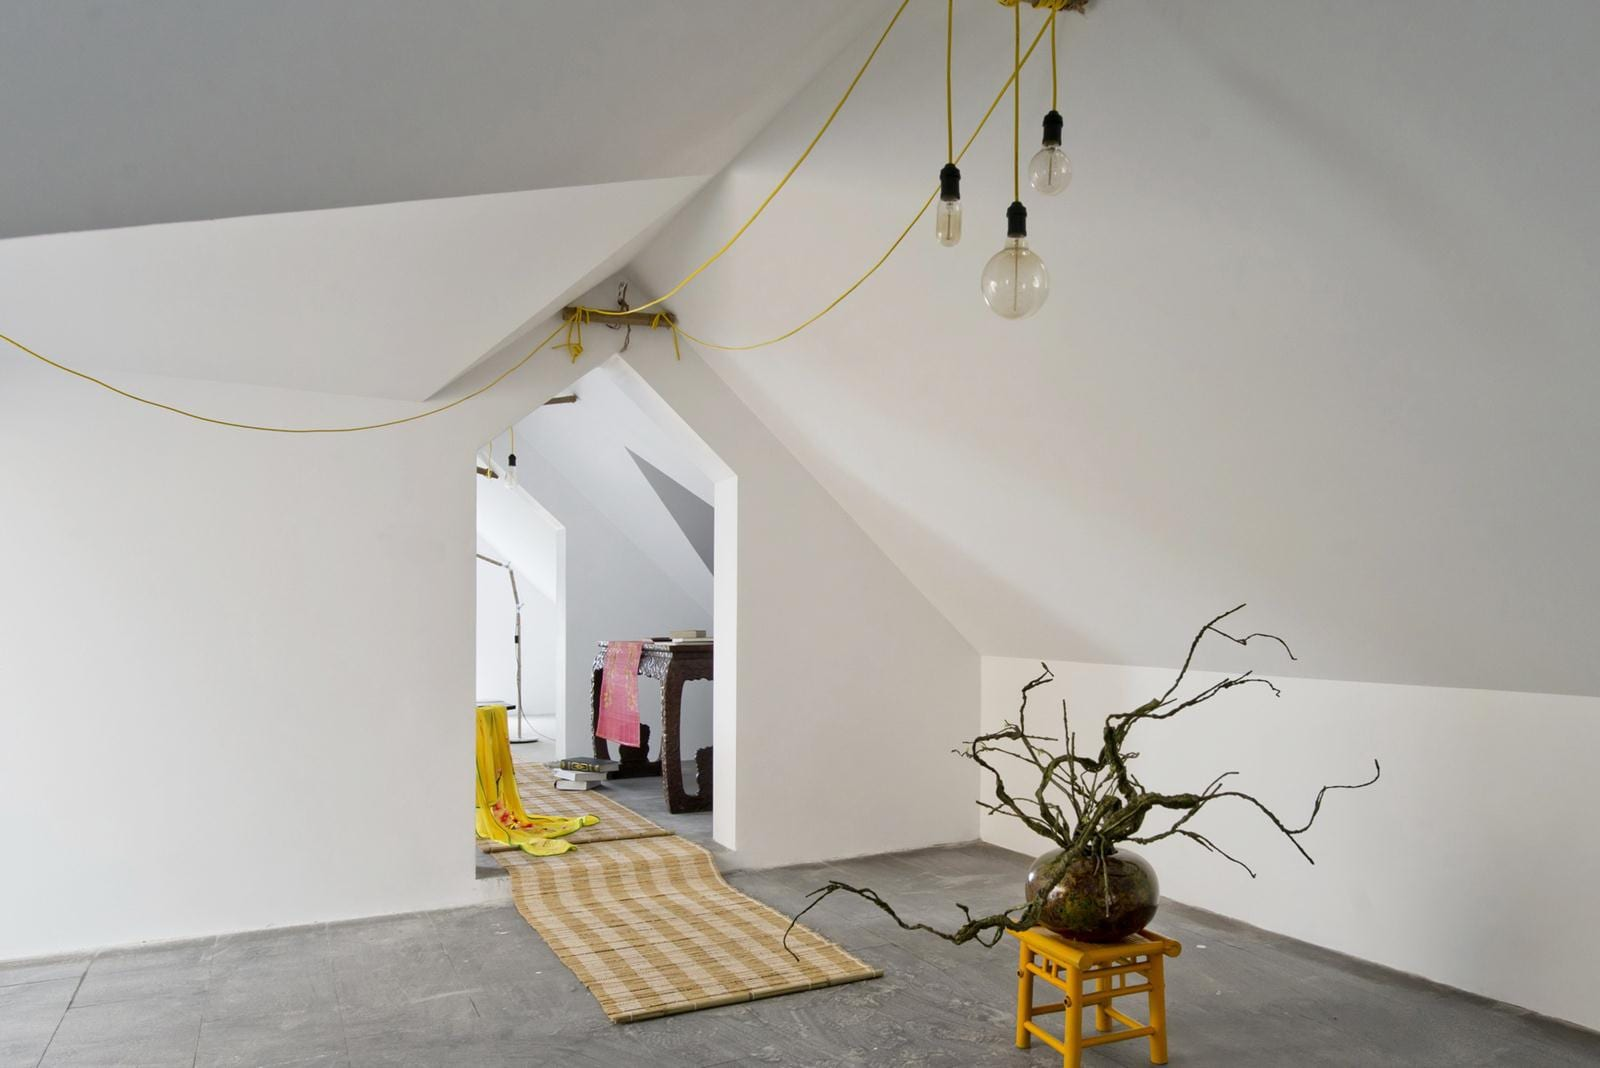 interessantes Interior Design mit pendellampen als deckengestaltung in gelb